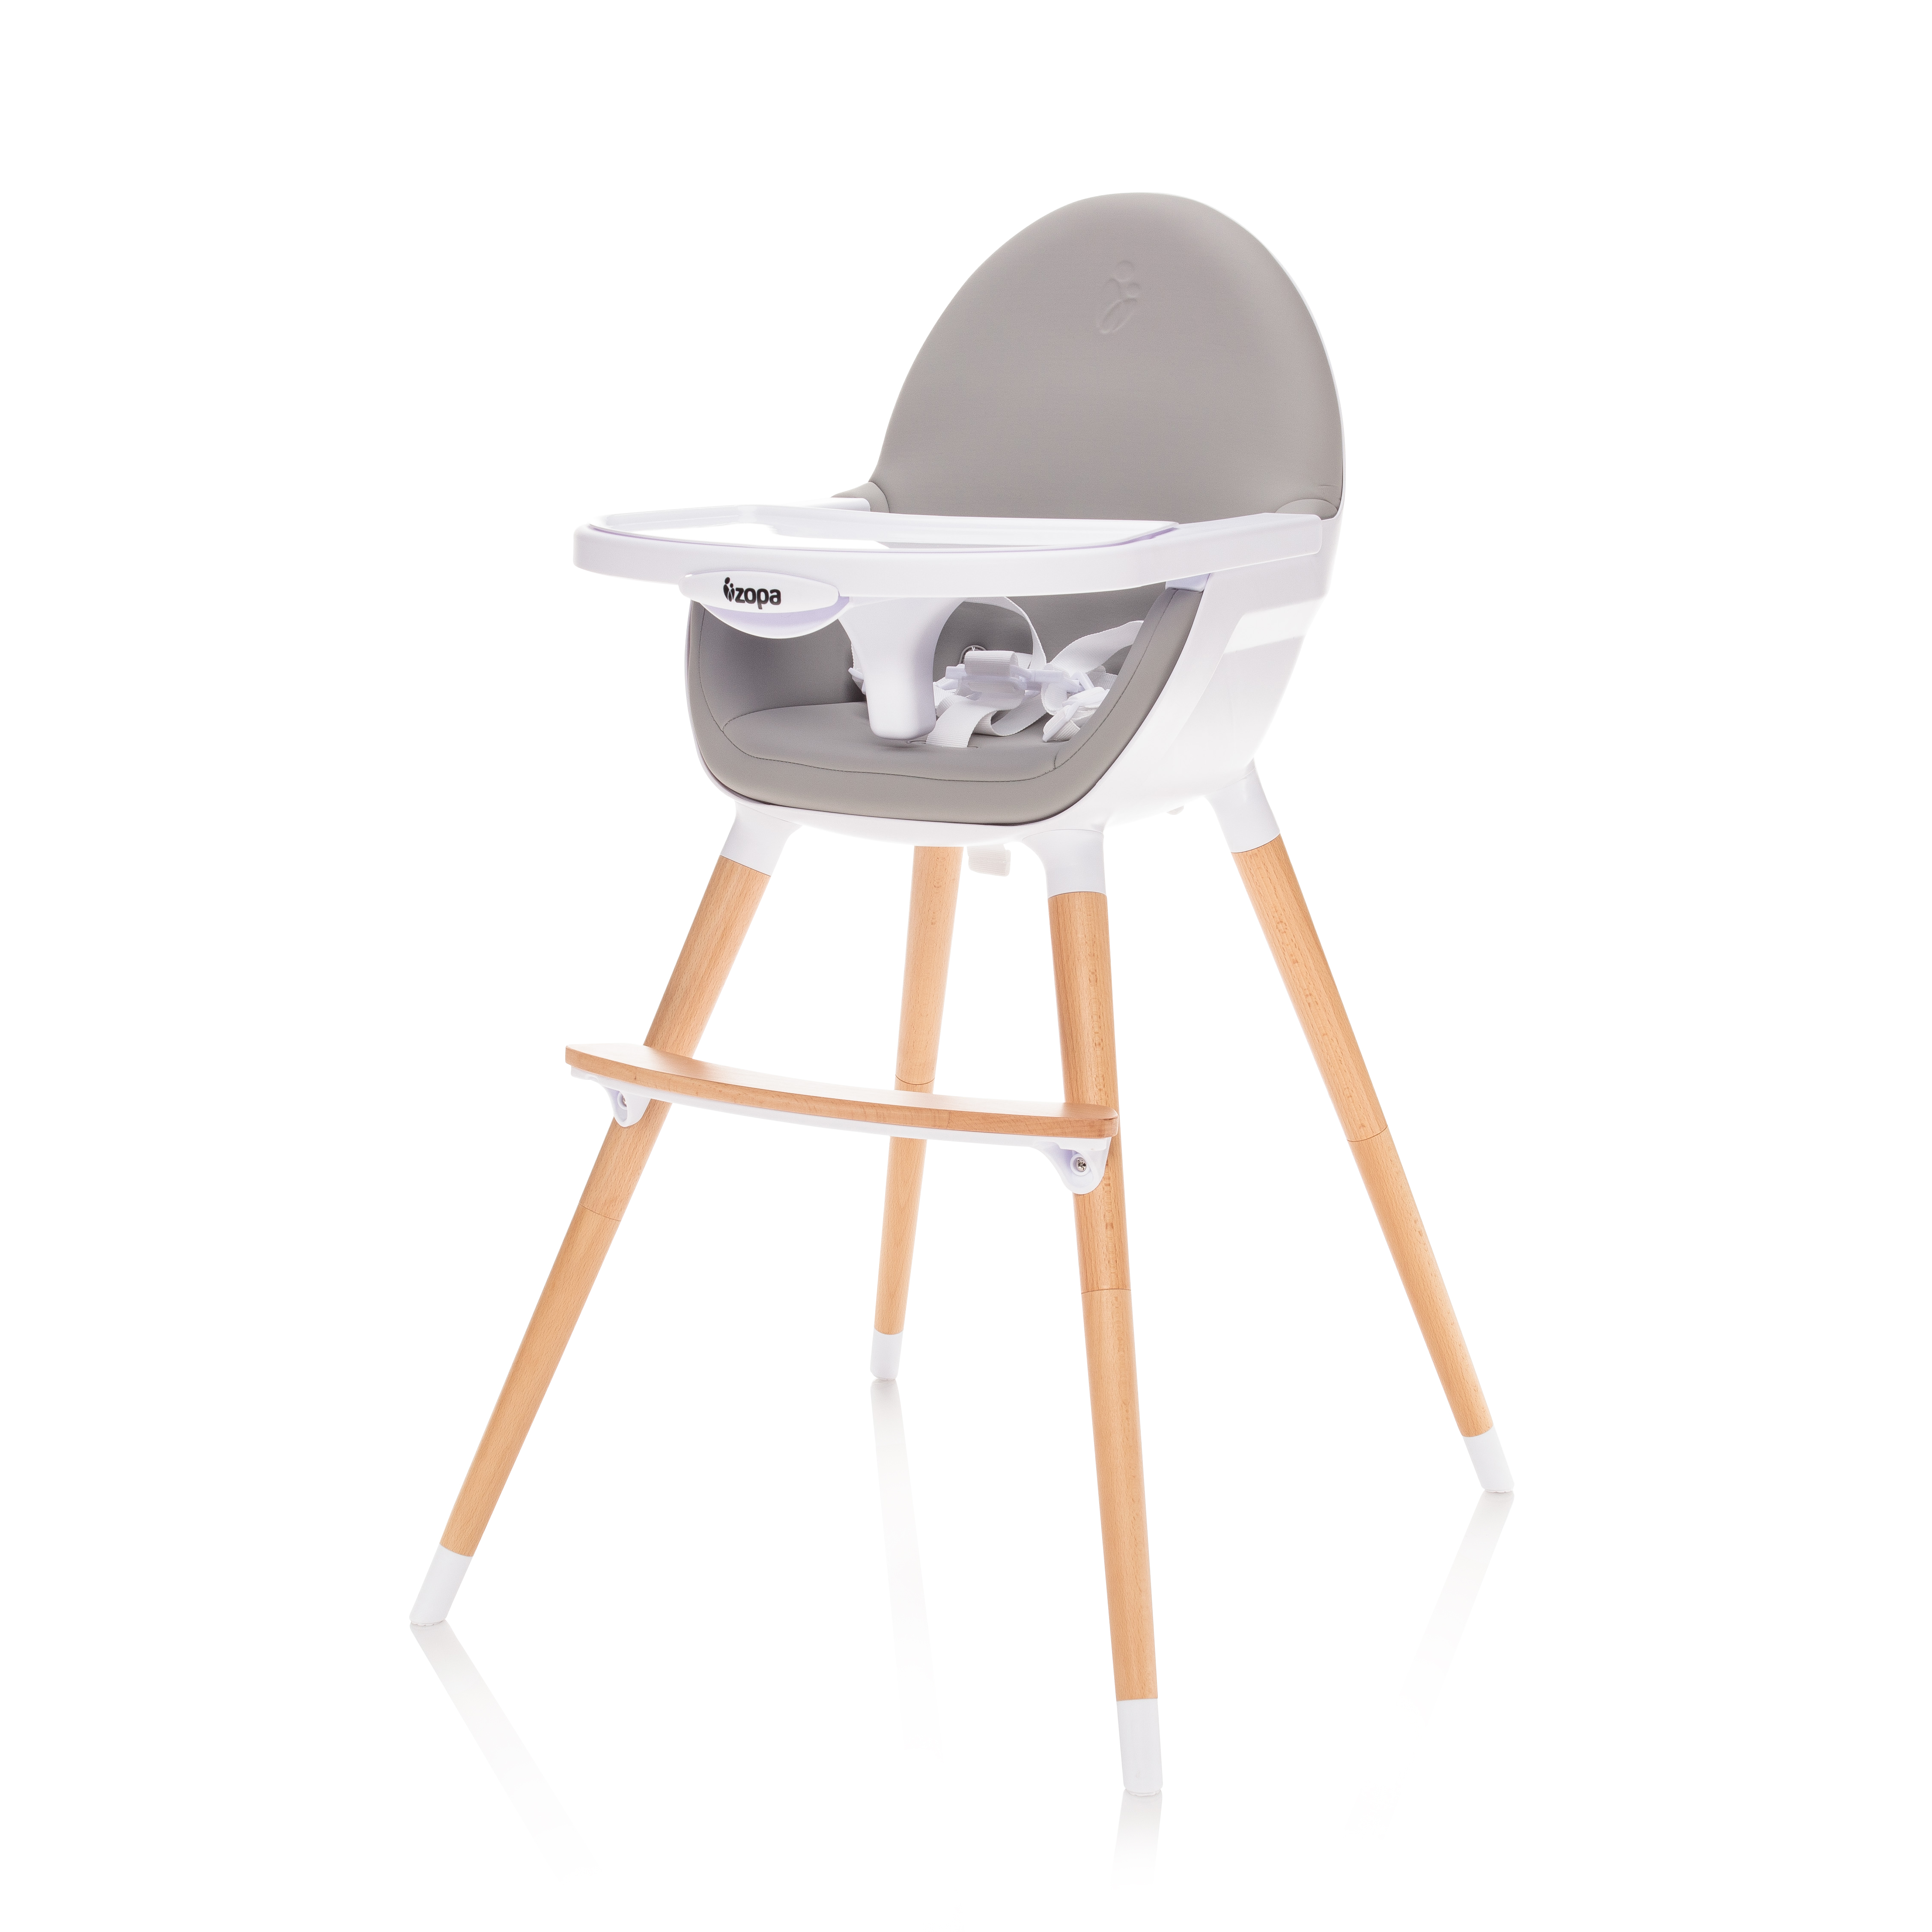 Dětská jídelní židlička Zopa Dolce - Dove Grey